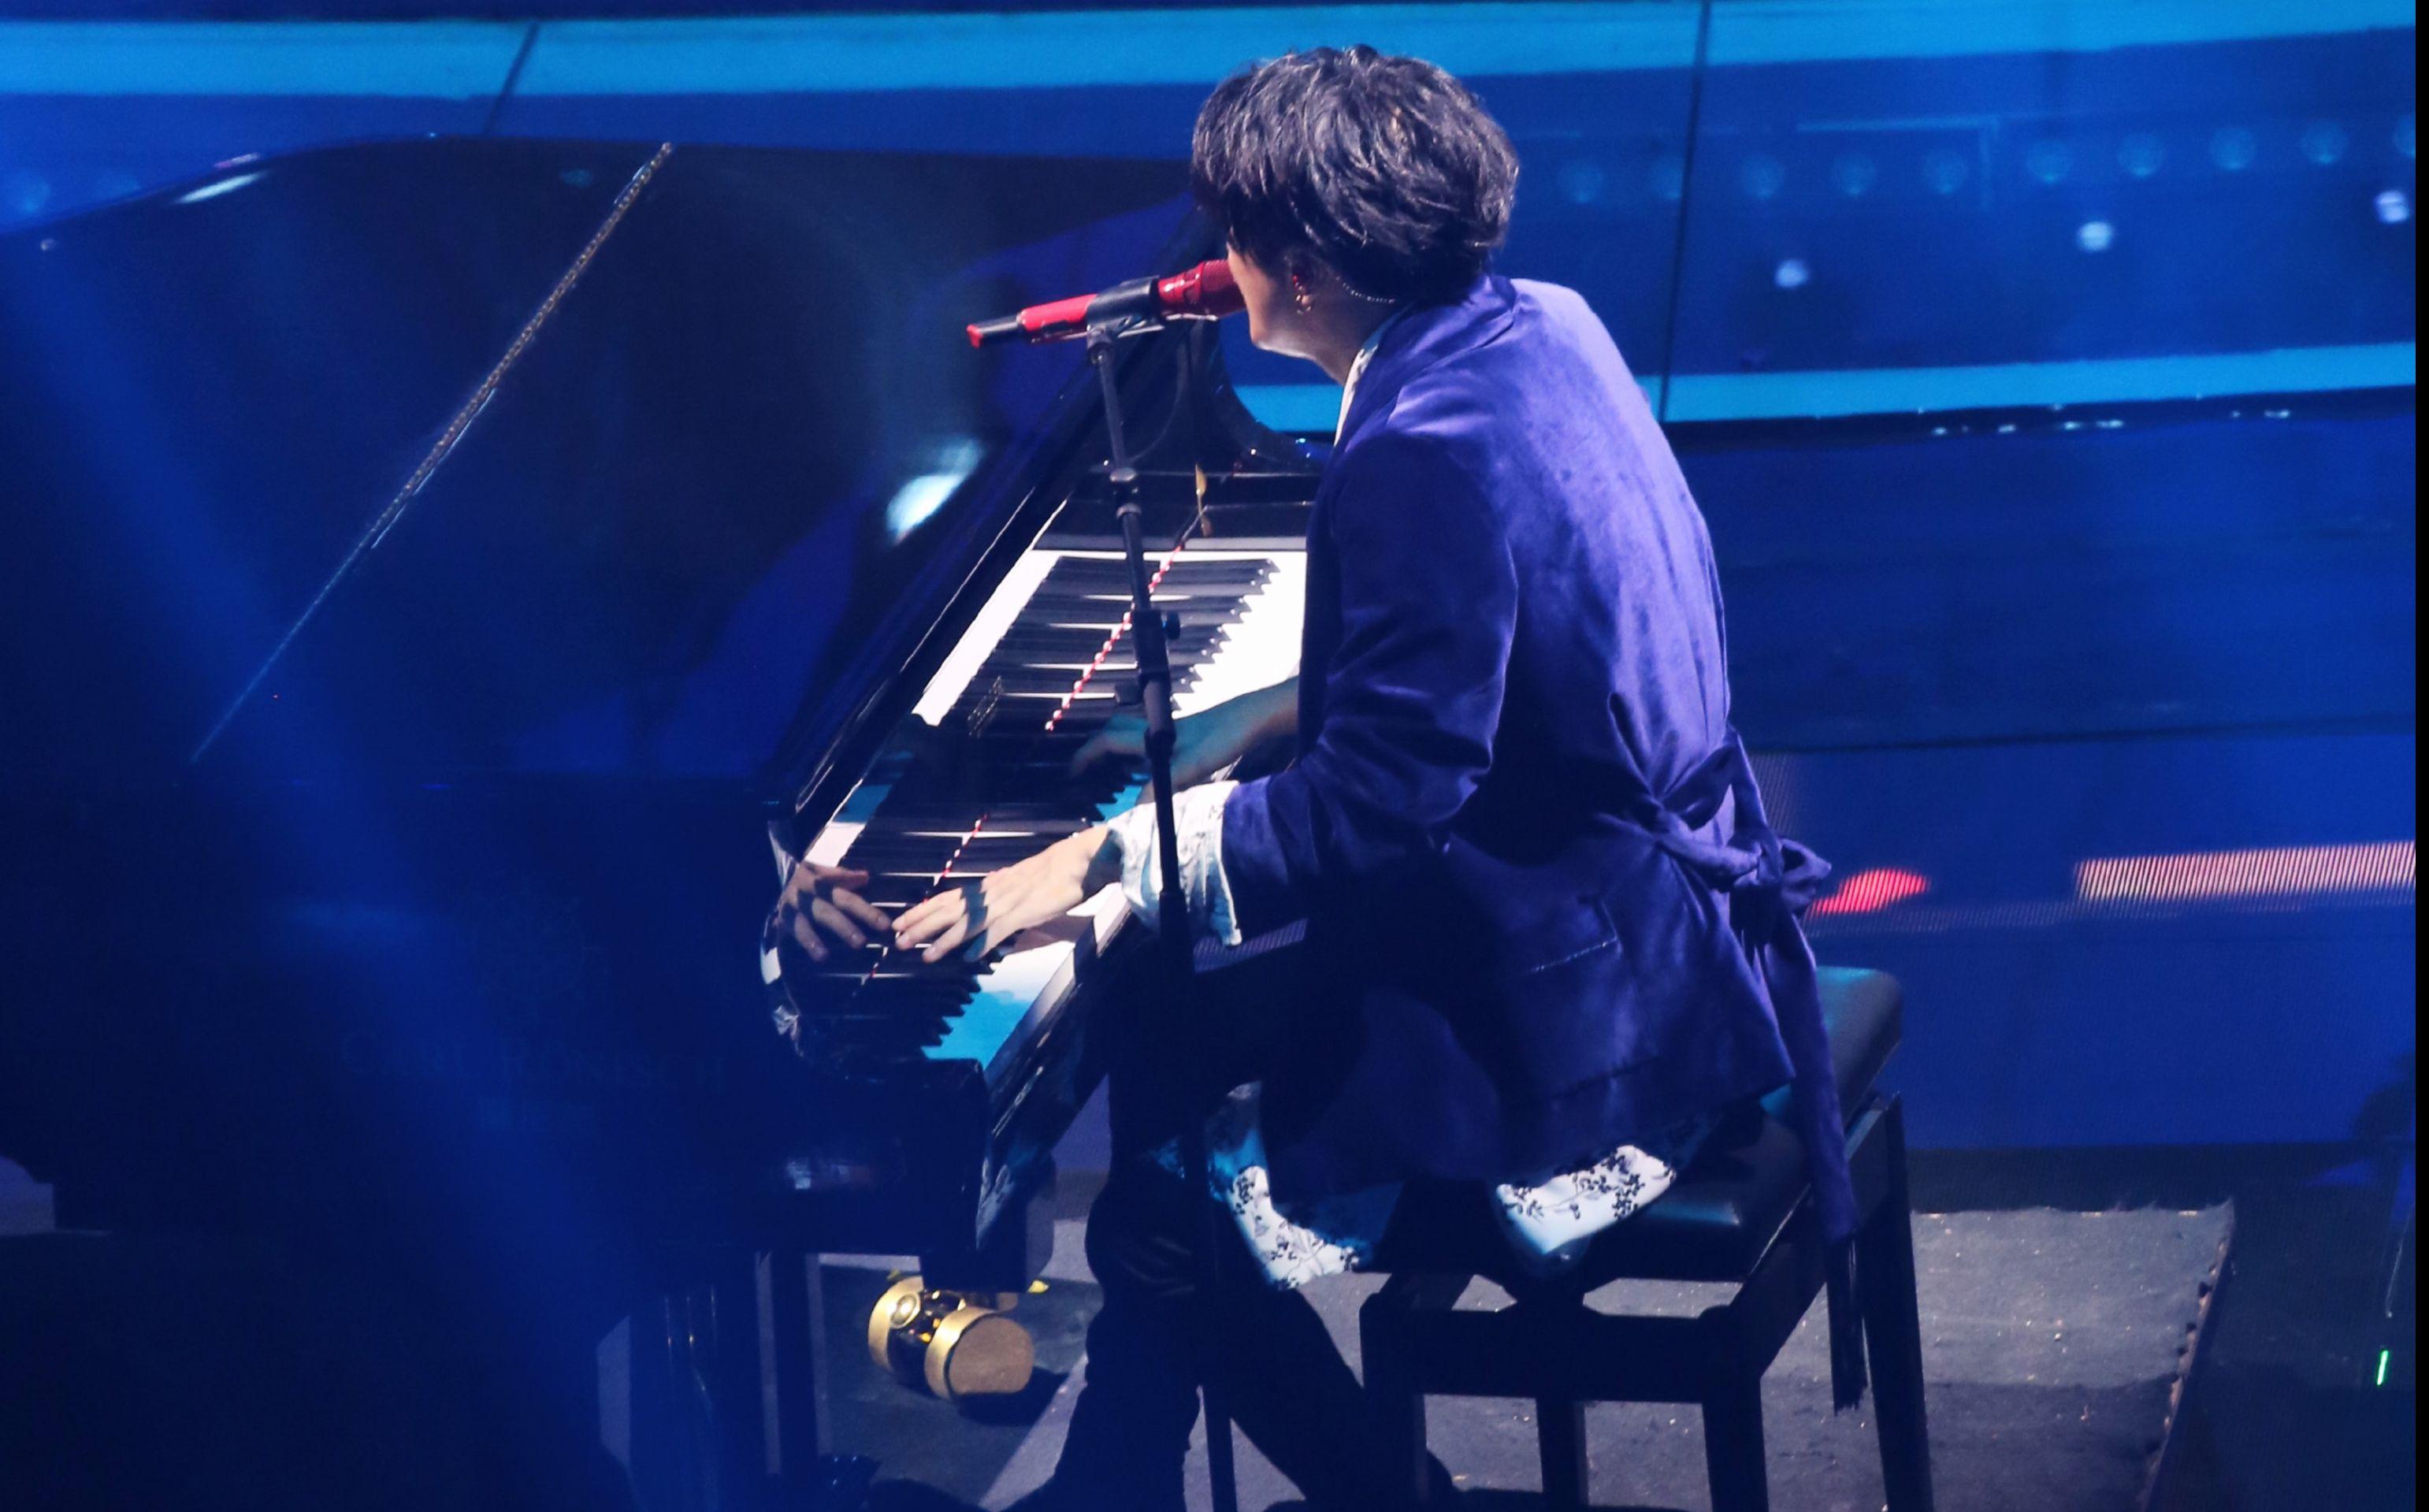 薛之谦&毛不易跨年《下雨了》《消愁》饭拍版,钢琴薛小王子,再见2017图片